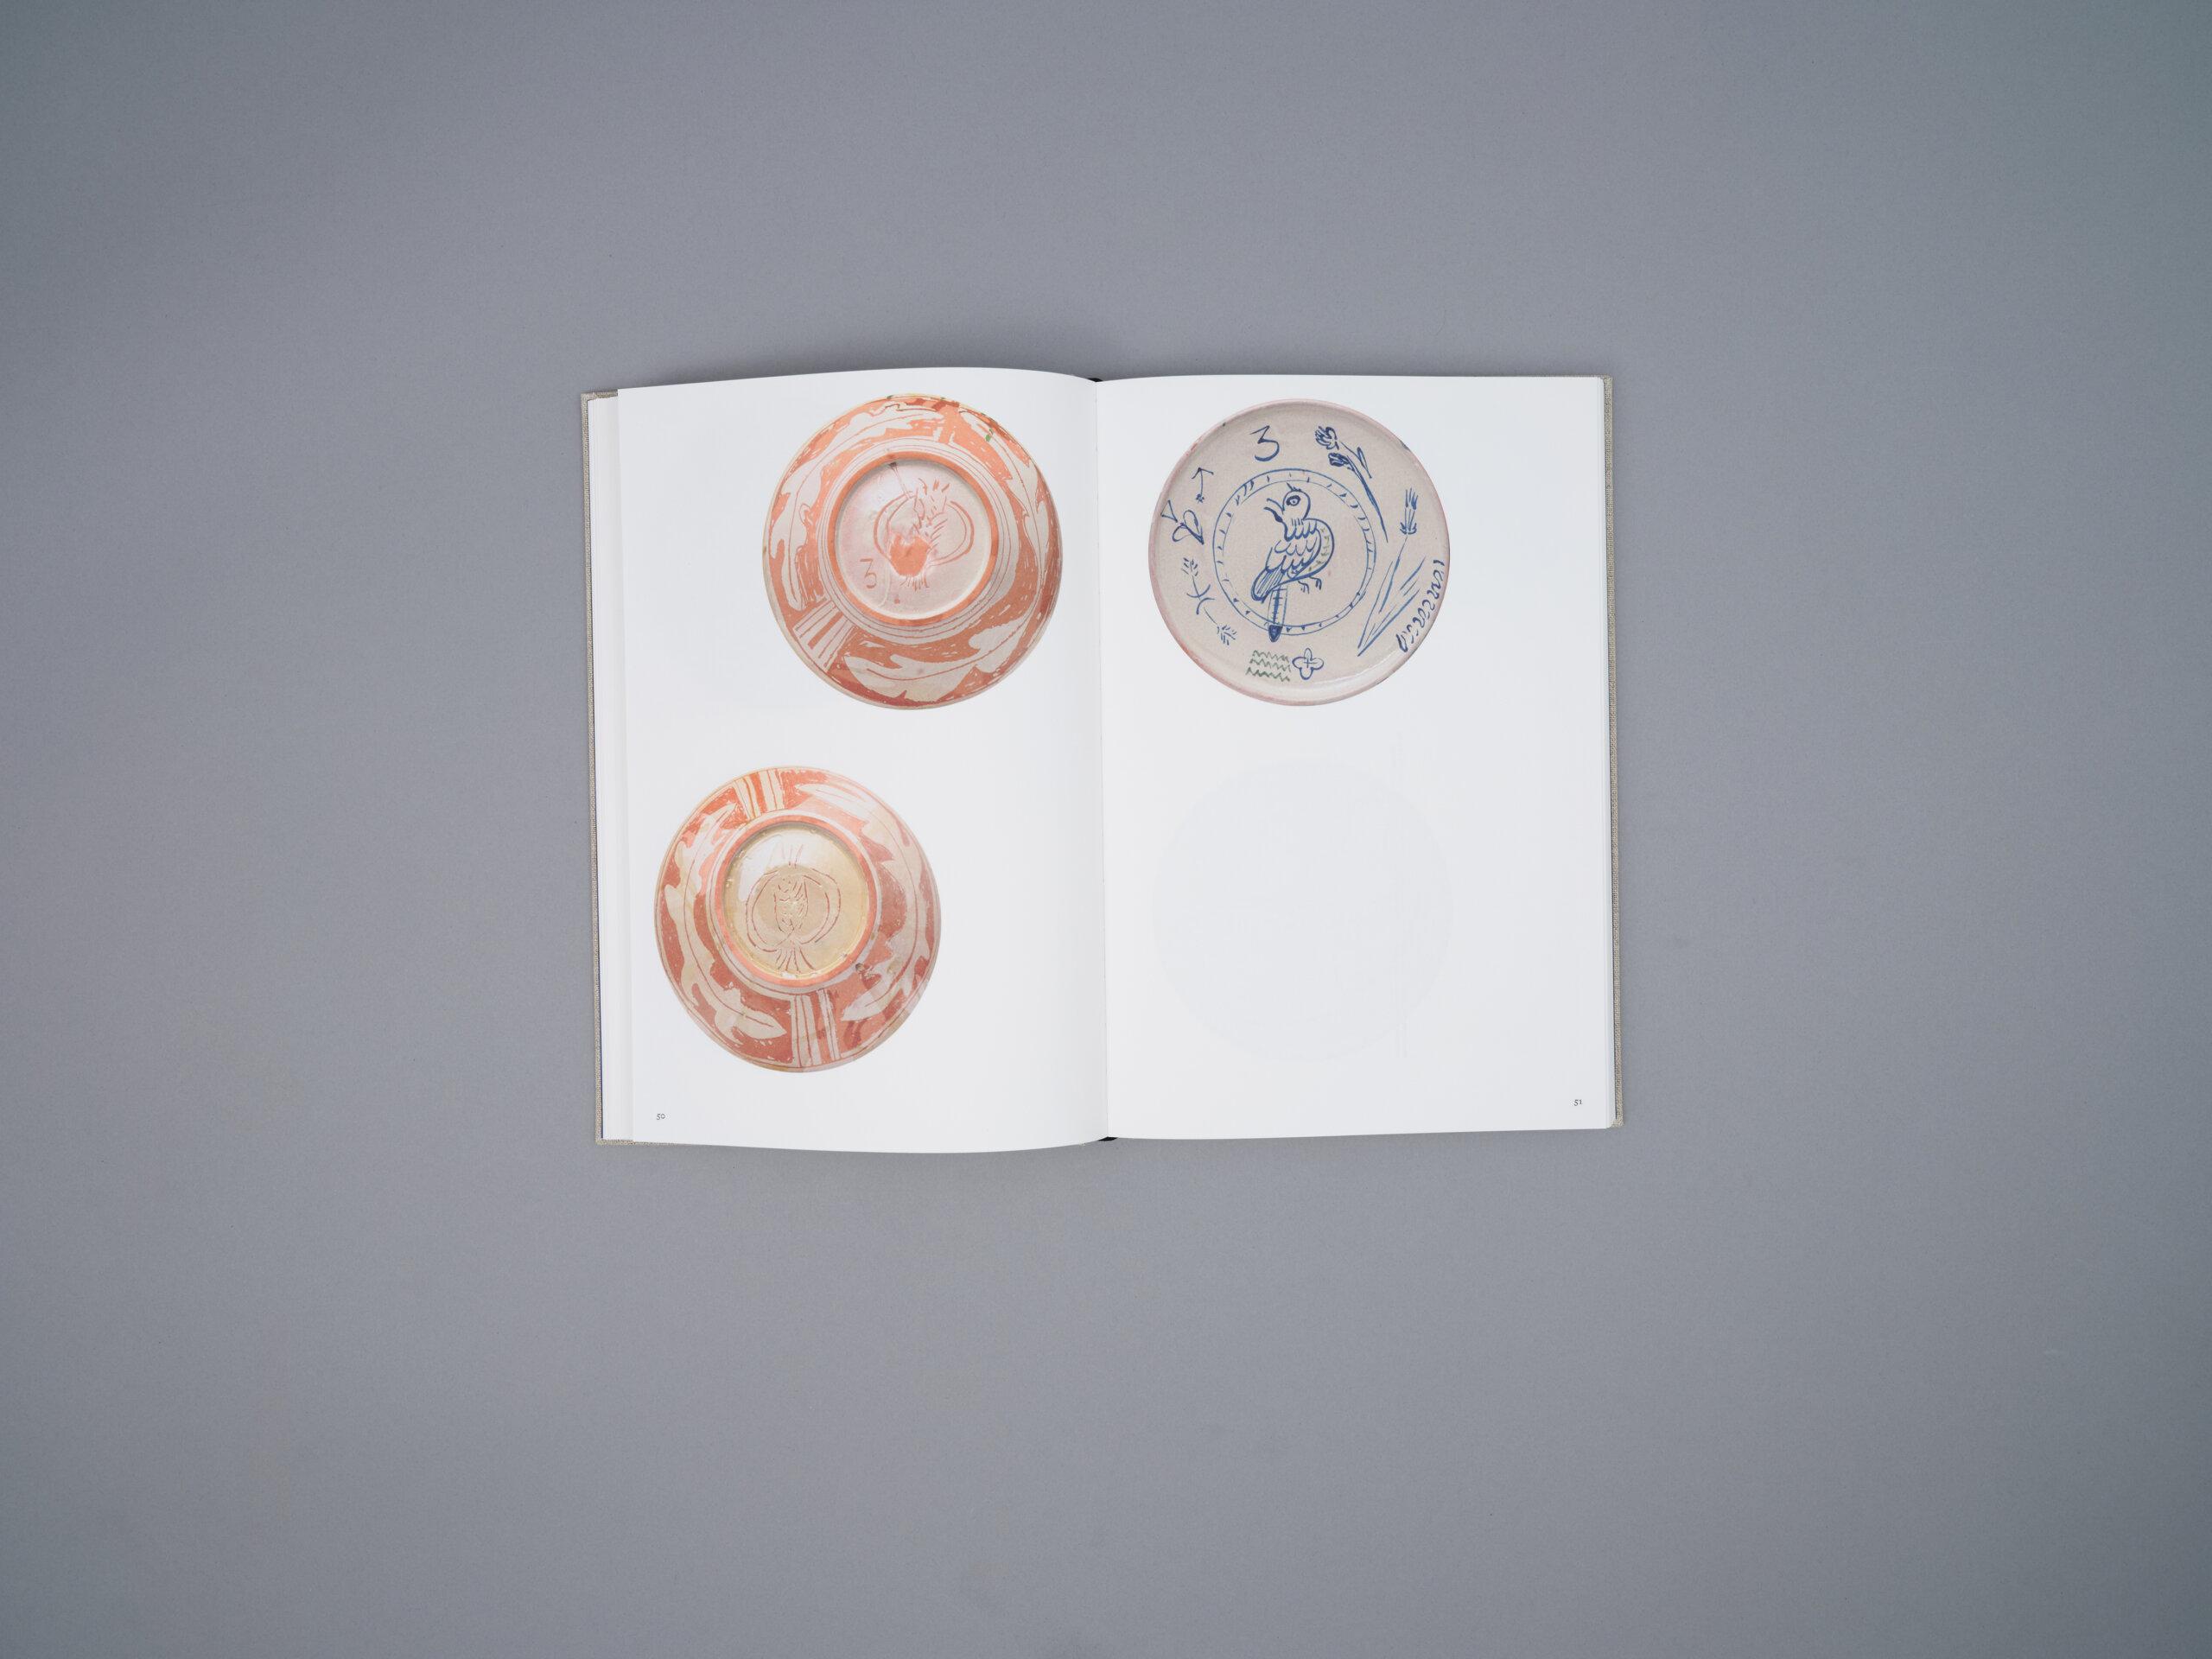 lutz-uchino-keramikos-delpire-co